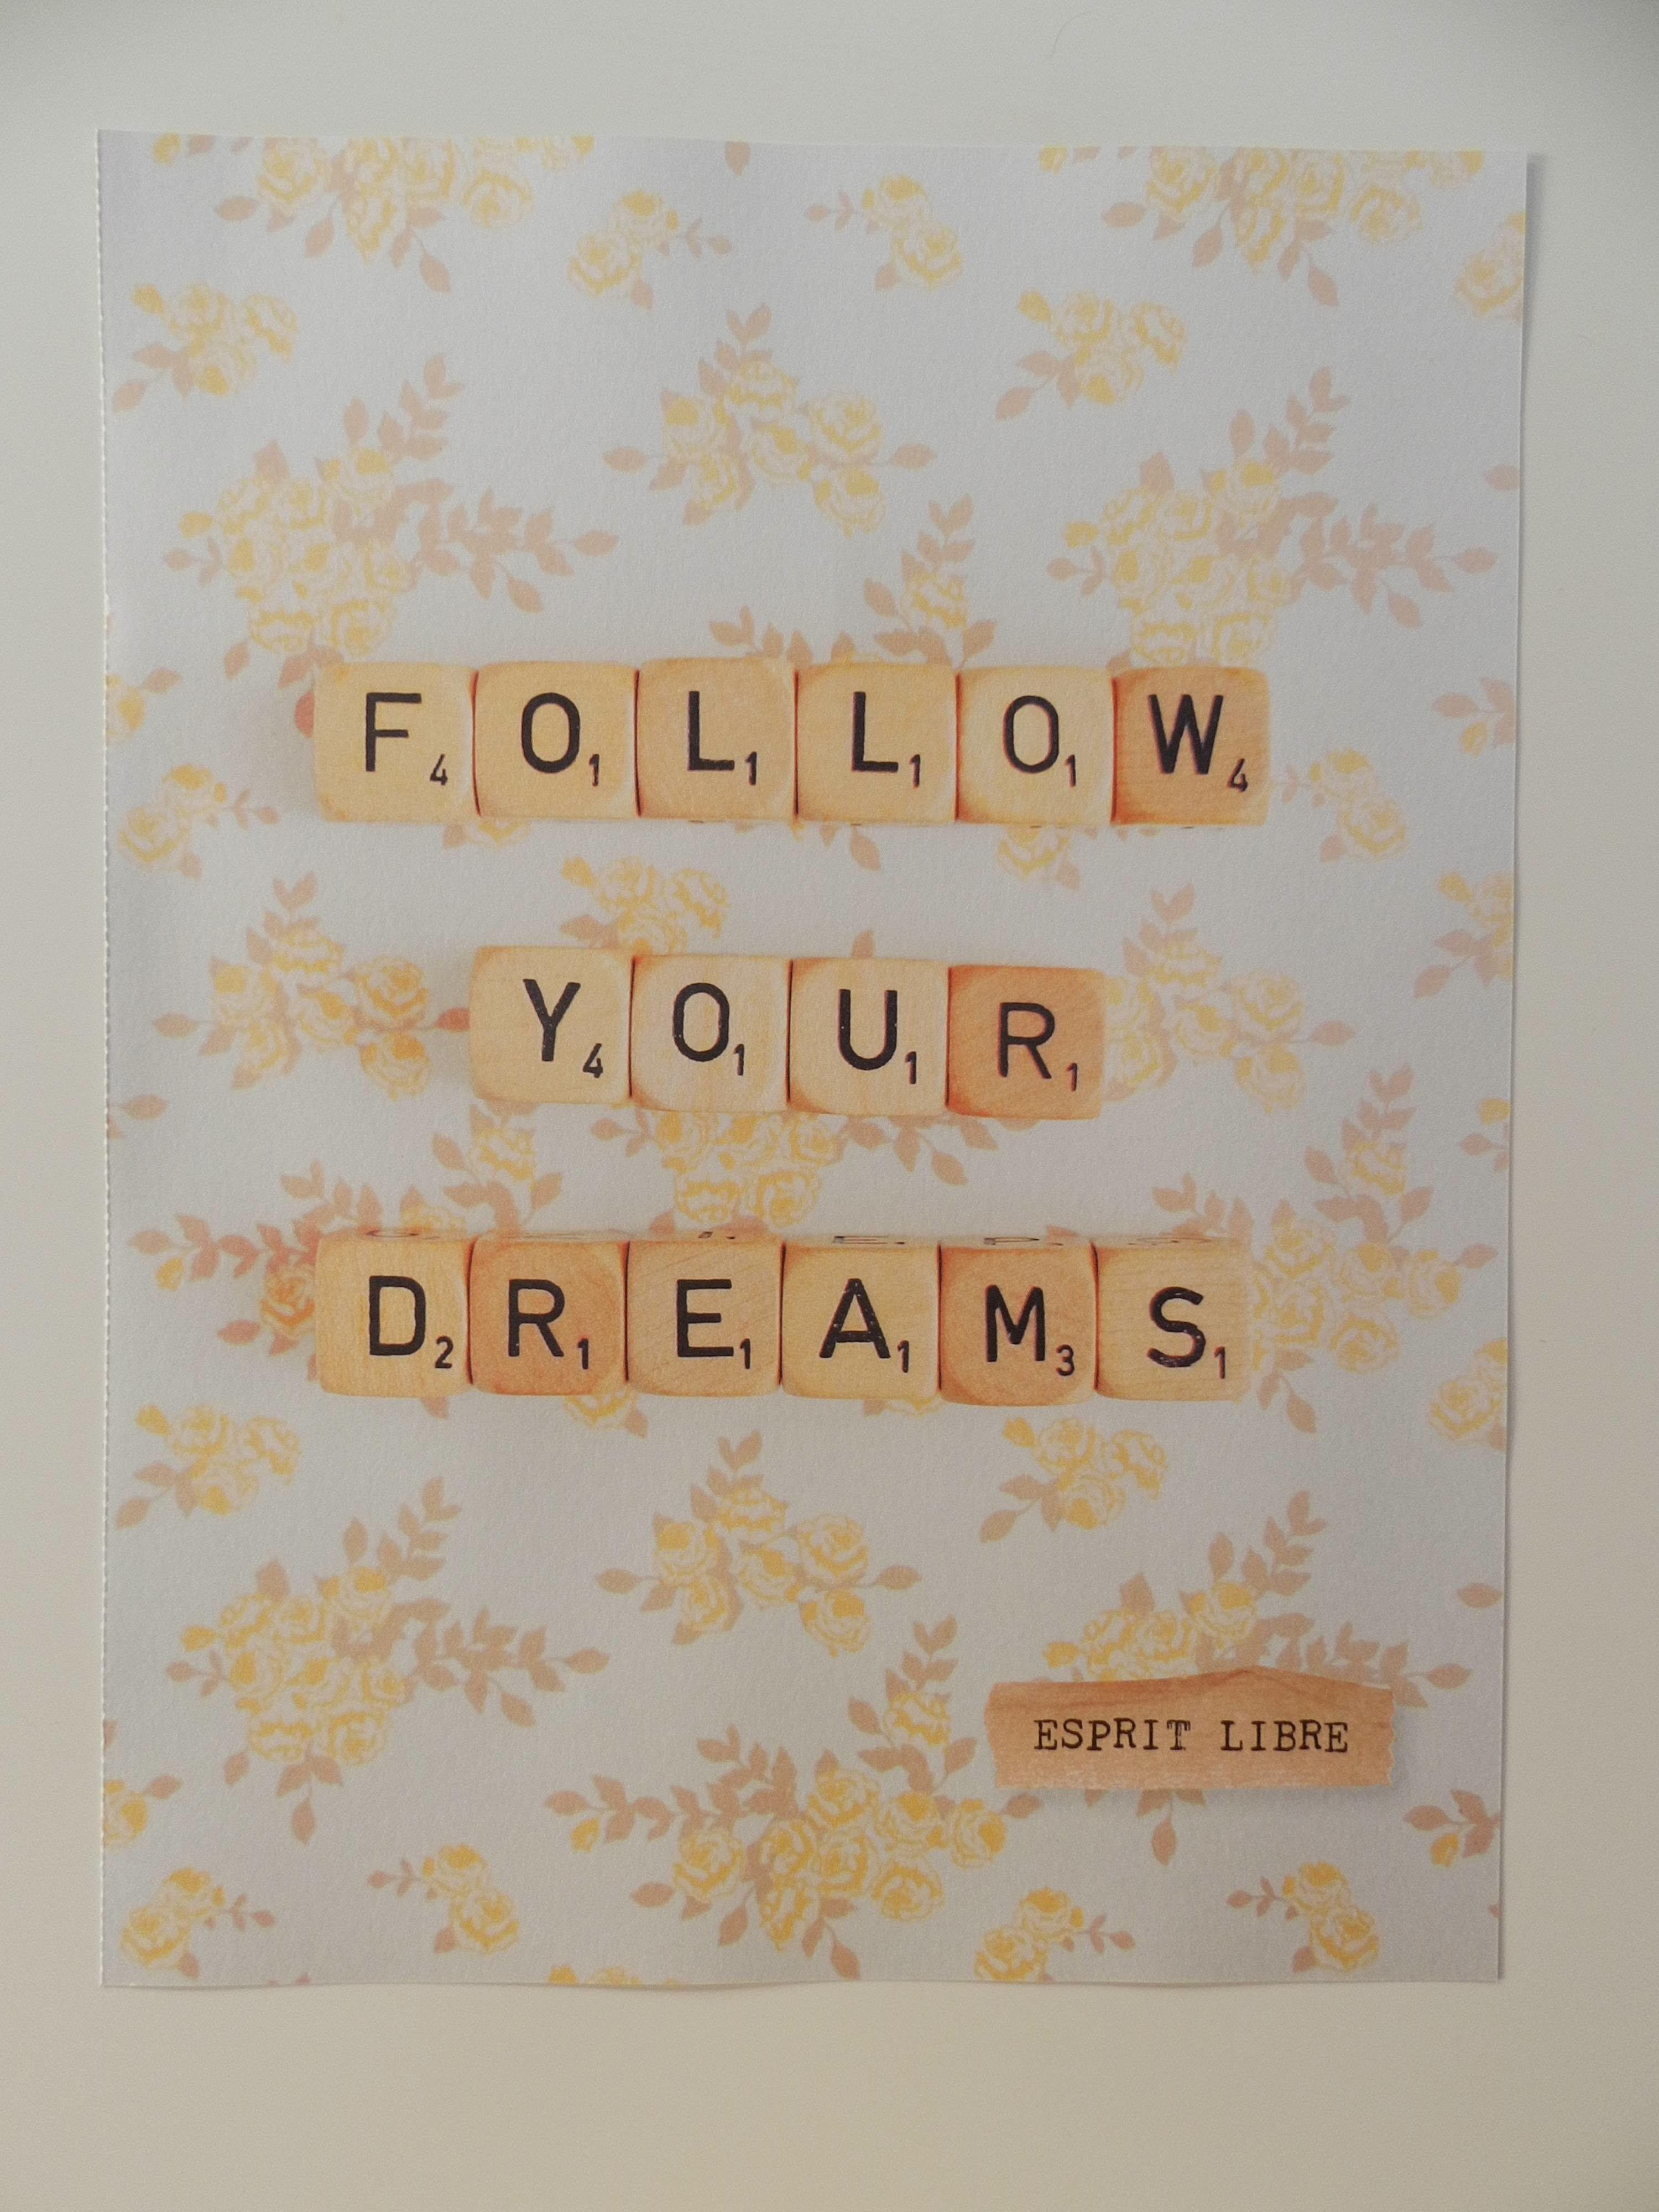 Fan de décoration et adepte de la pensée positive, quoi de plus adéquat que de créer une décoration avec de belles affiches de pensée positive!